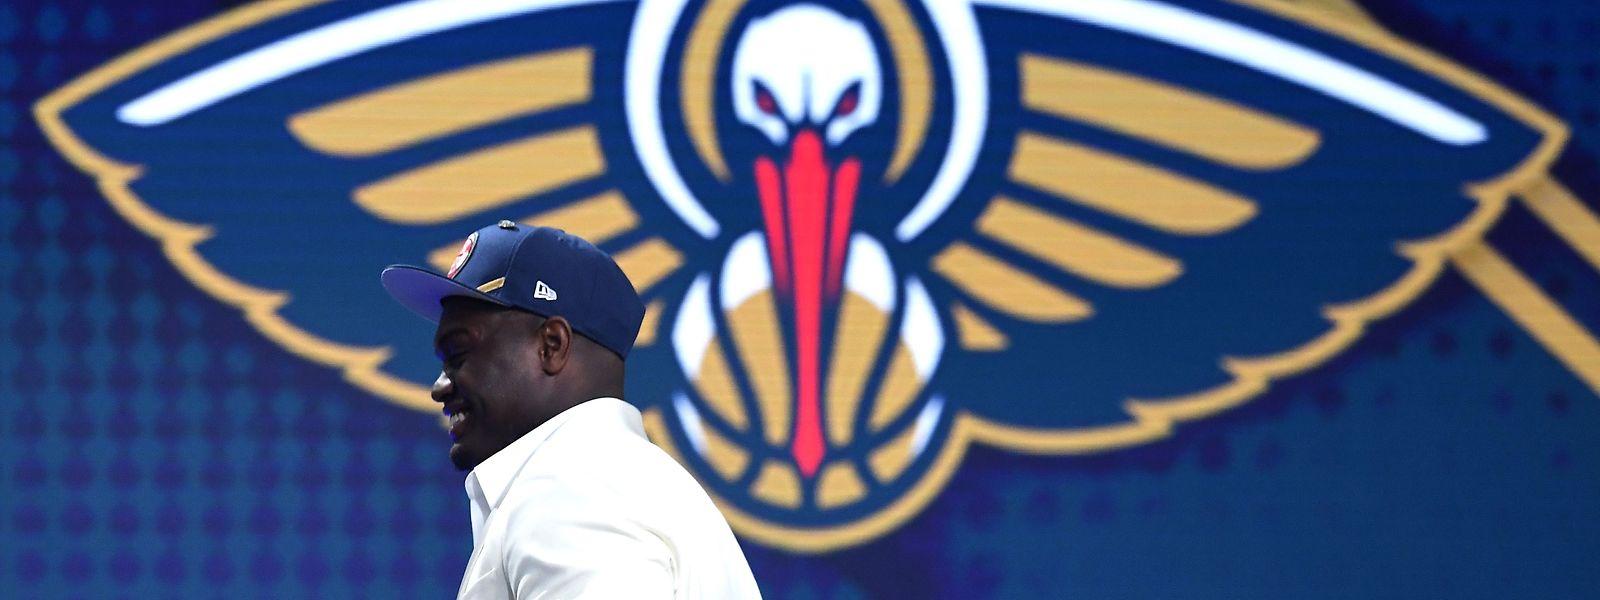 Choisi par les Pelicans de la Nouvelle-Orléans, Zion Williamson a été le roi de la Draft 2019 en NBA